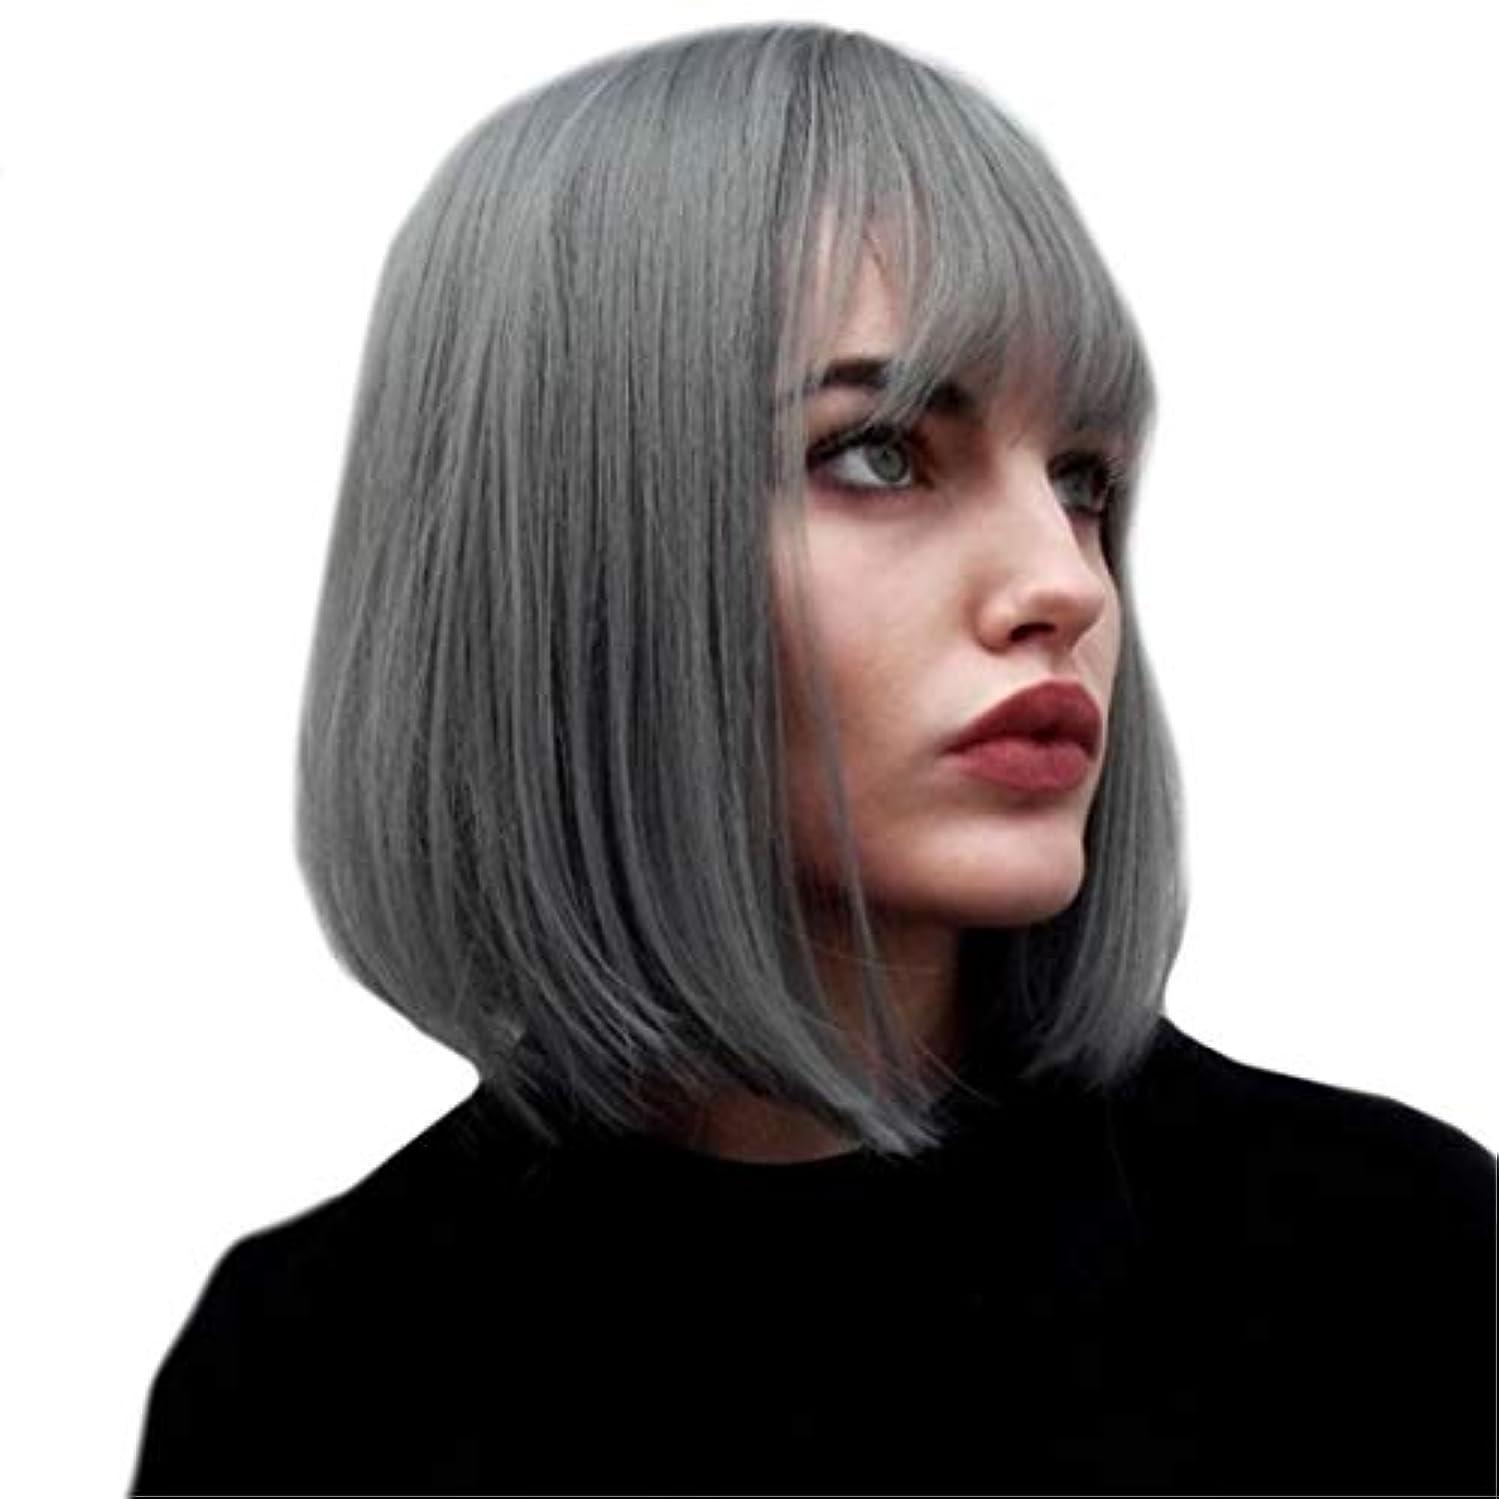 ほんのオペレーターラリーベルモントKerwinner ふわふわのショートストレートヘアボブウィッググレーショートヘアケミカルファイバーウィッグセット女性用